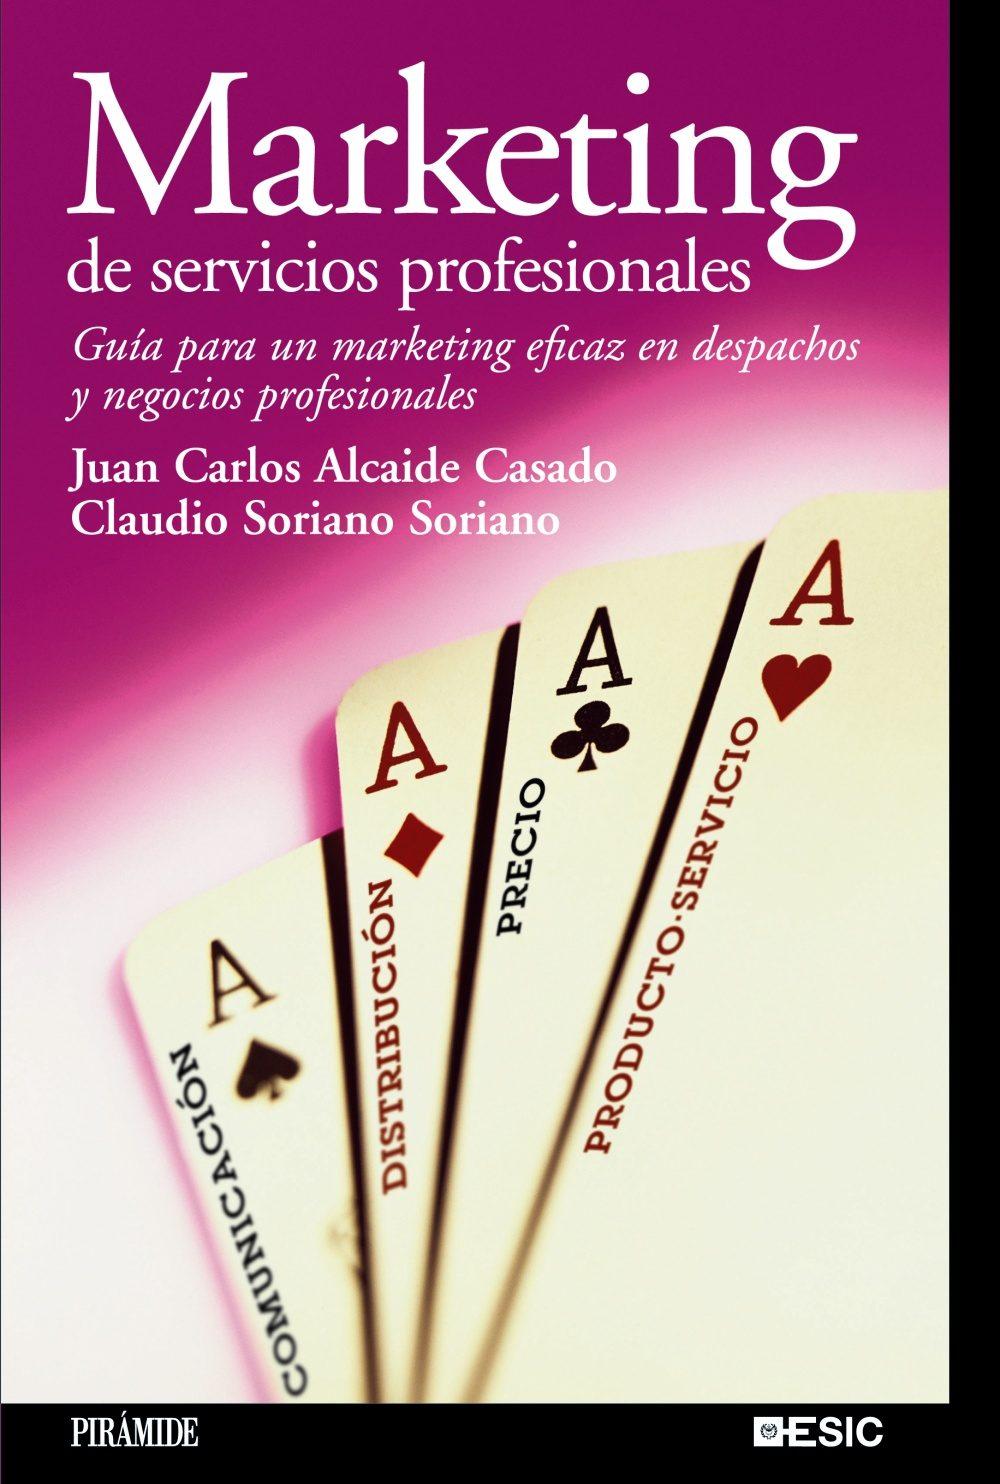 marketing de servicios profesionales: guia para un marketing efic az en despachos y negocios profesionales-juan carlos alcaide casado-claudio soriano soriano-9788436820393